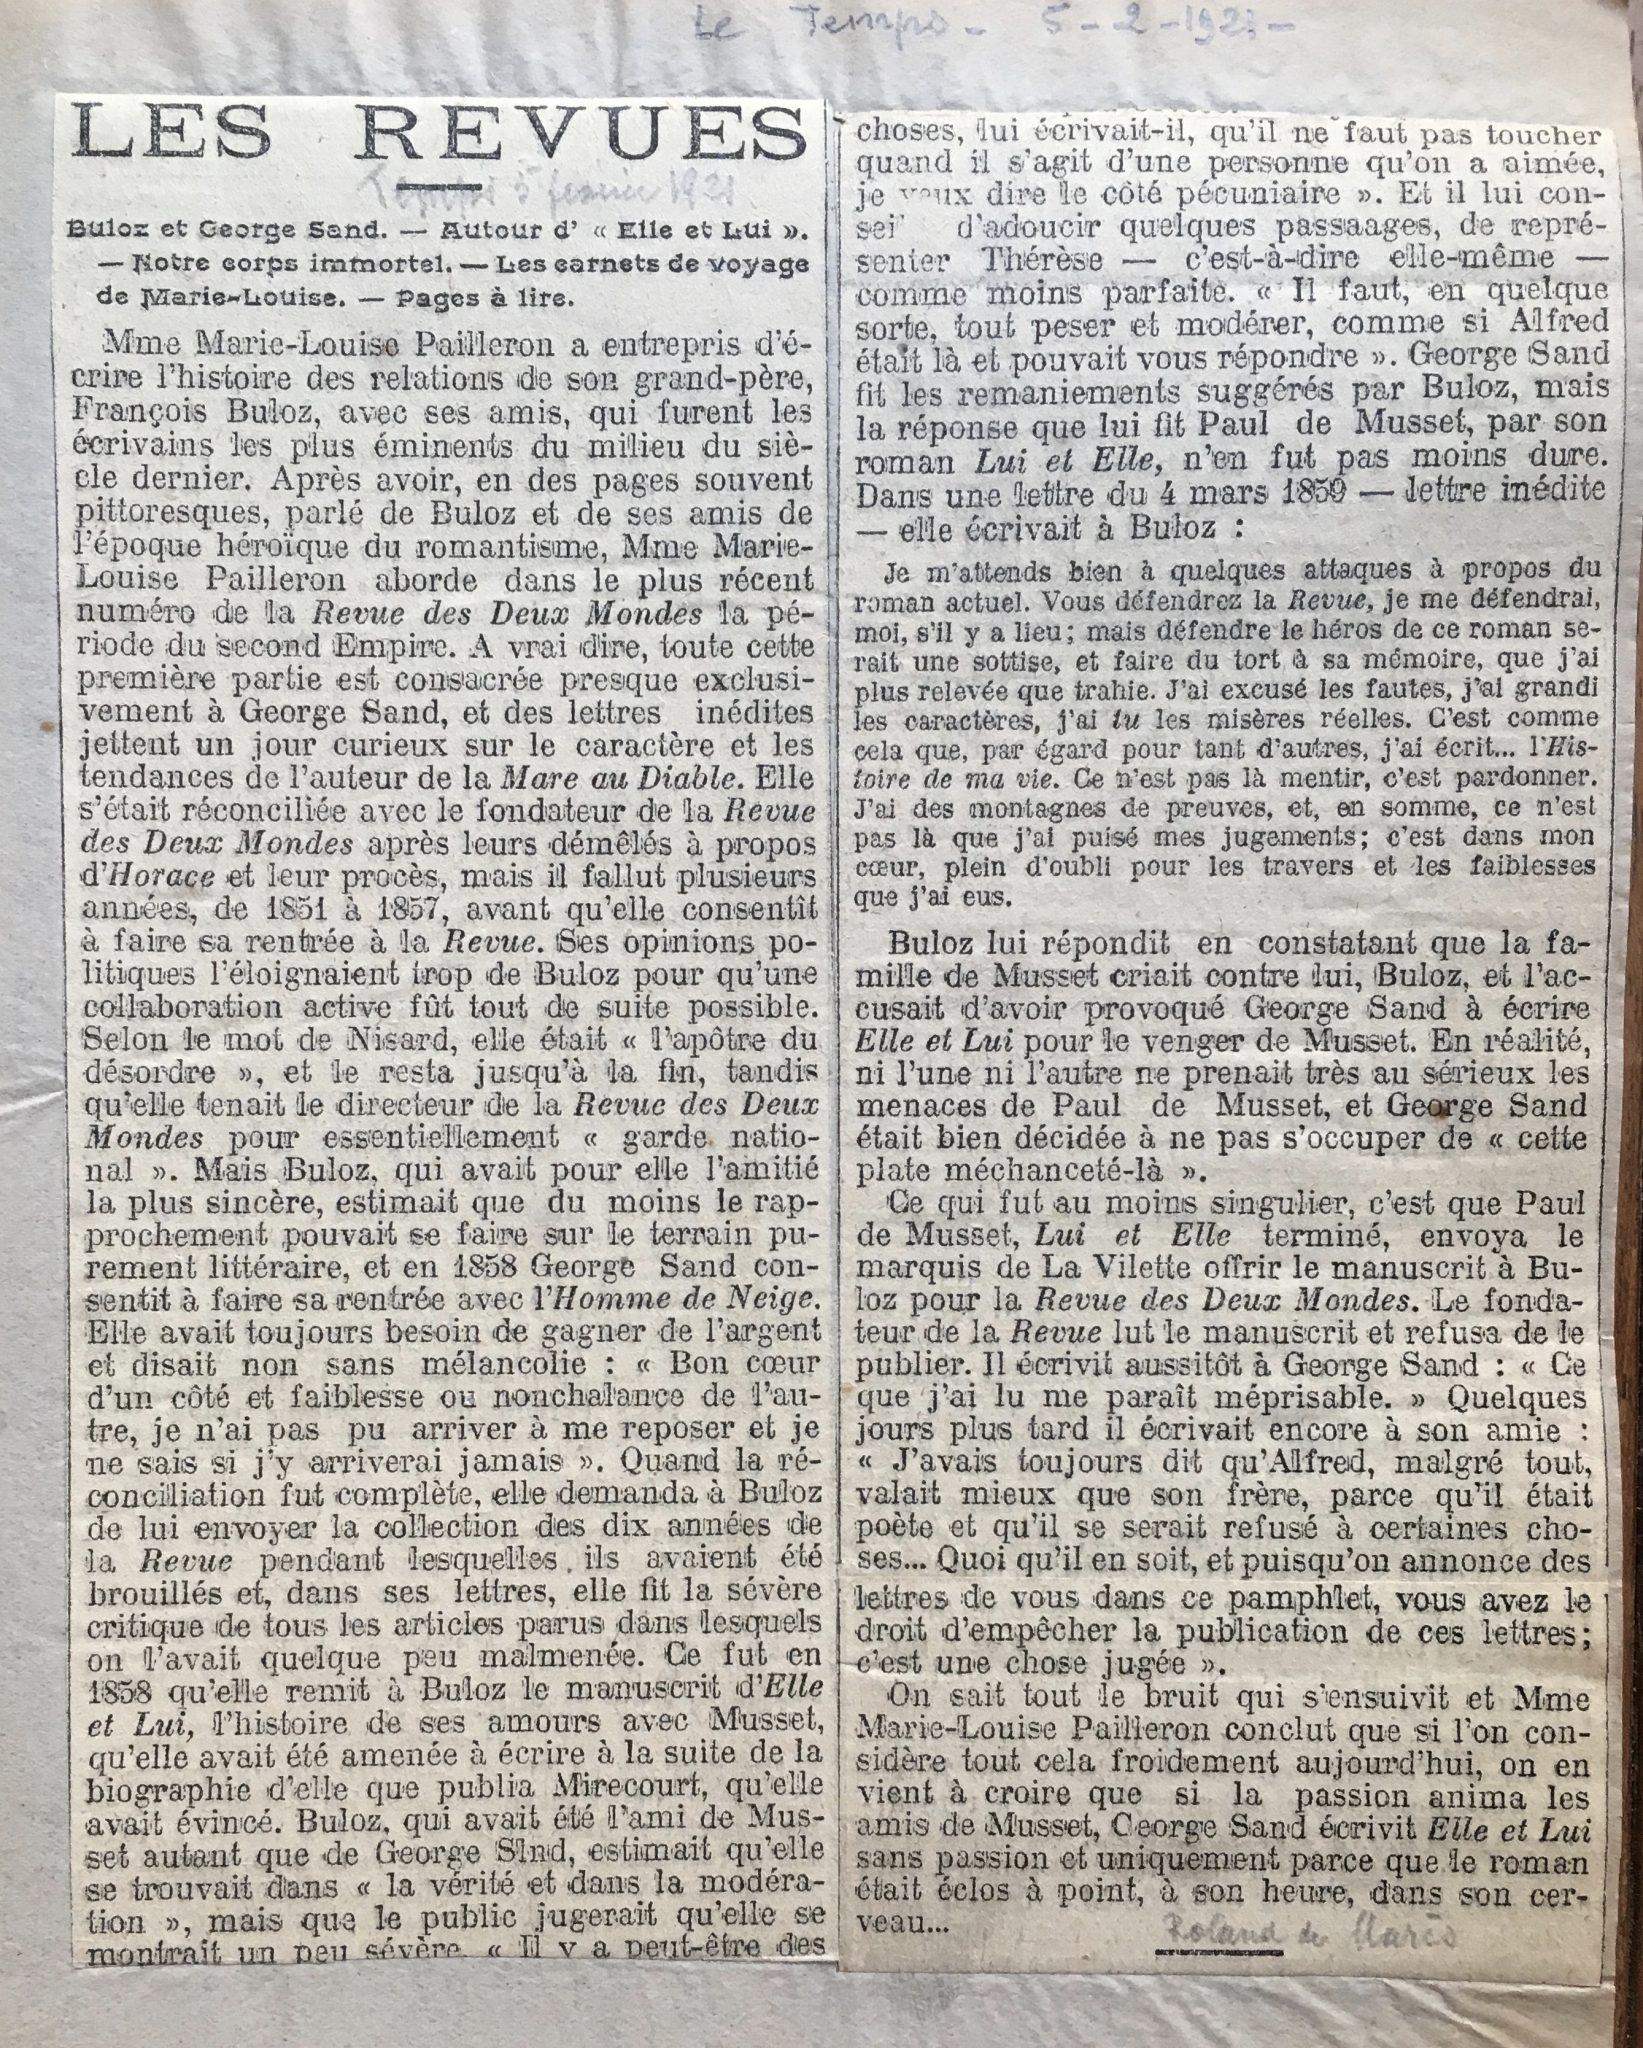 Le Temps 1921